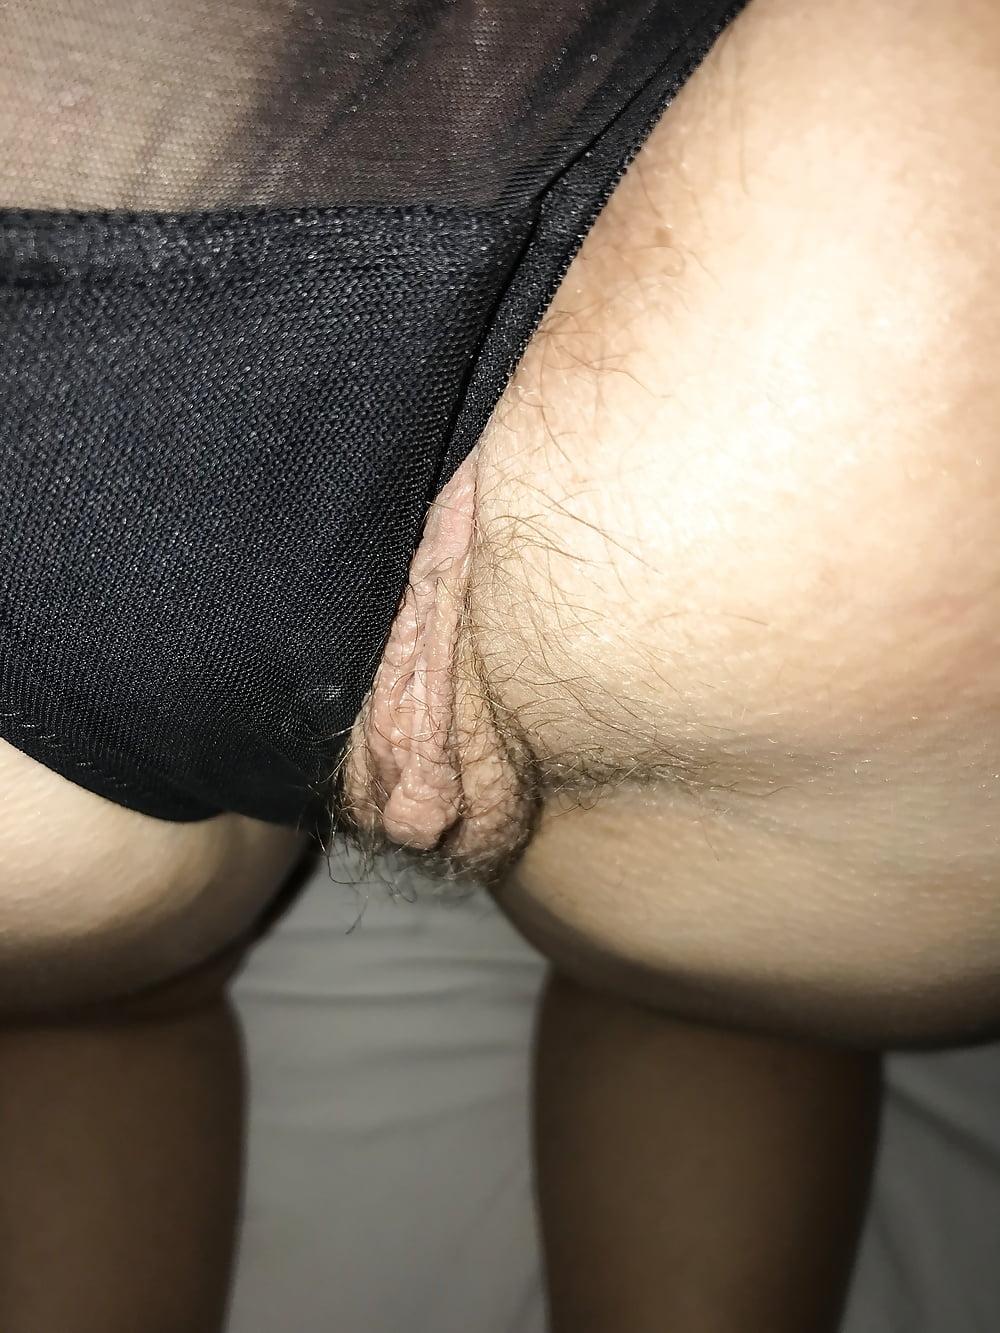 Redhead boys masturbating